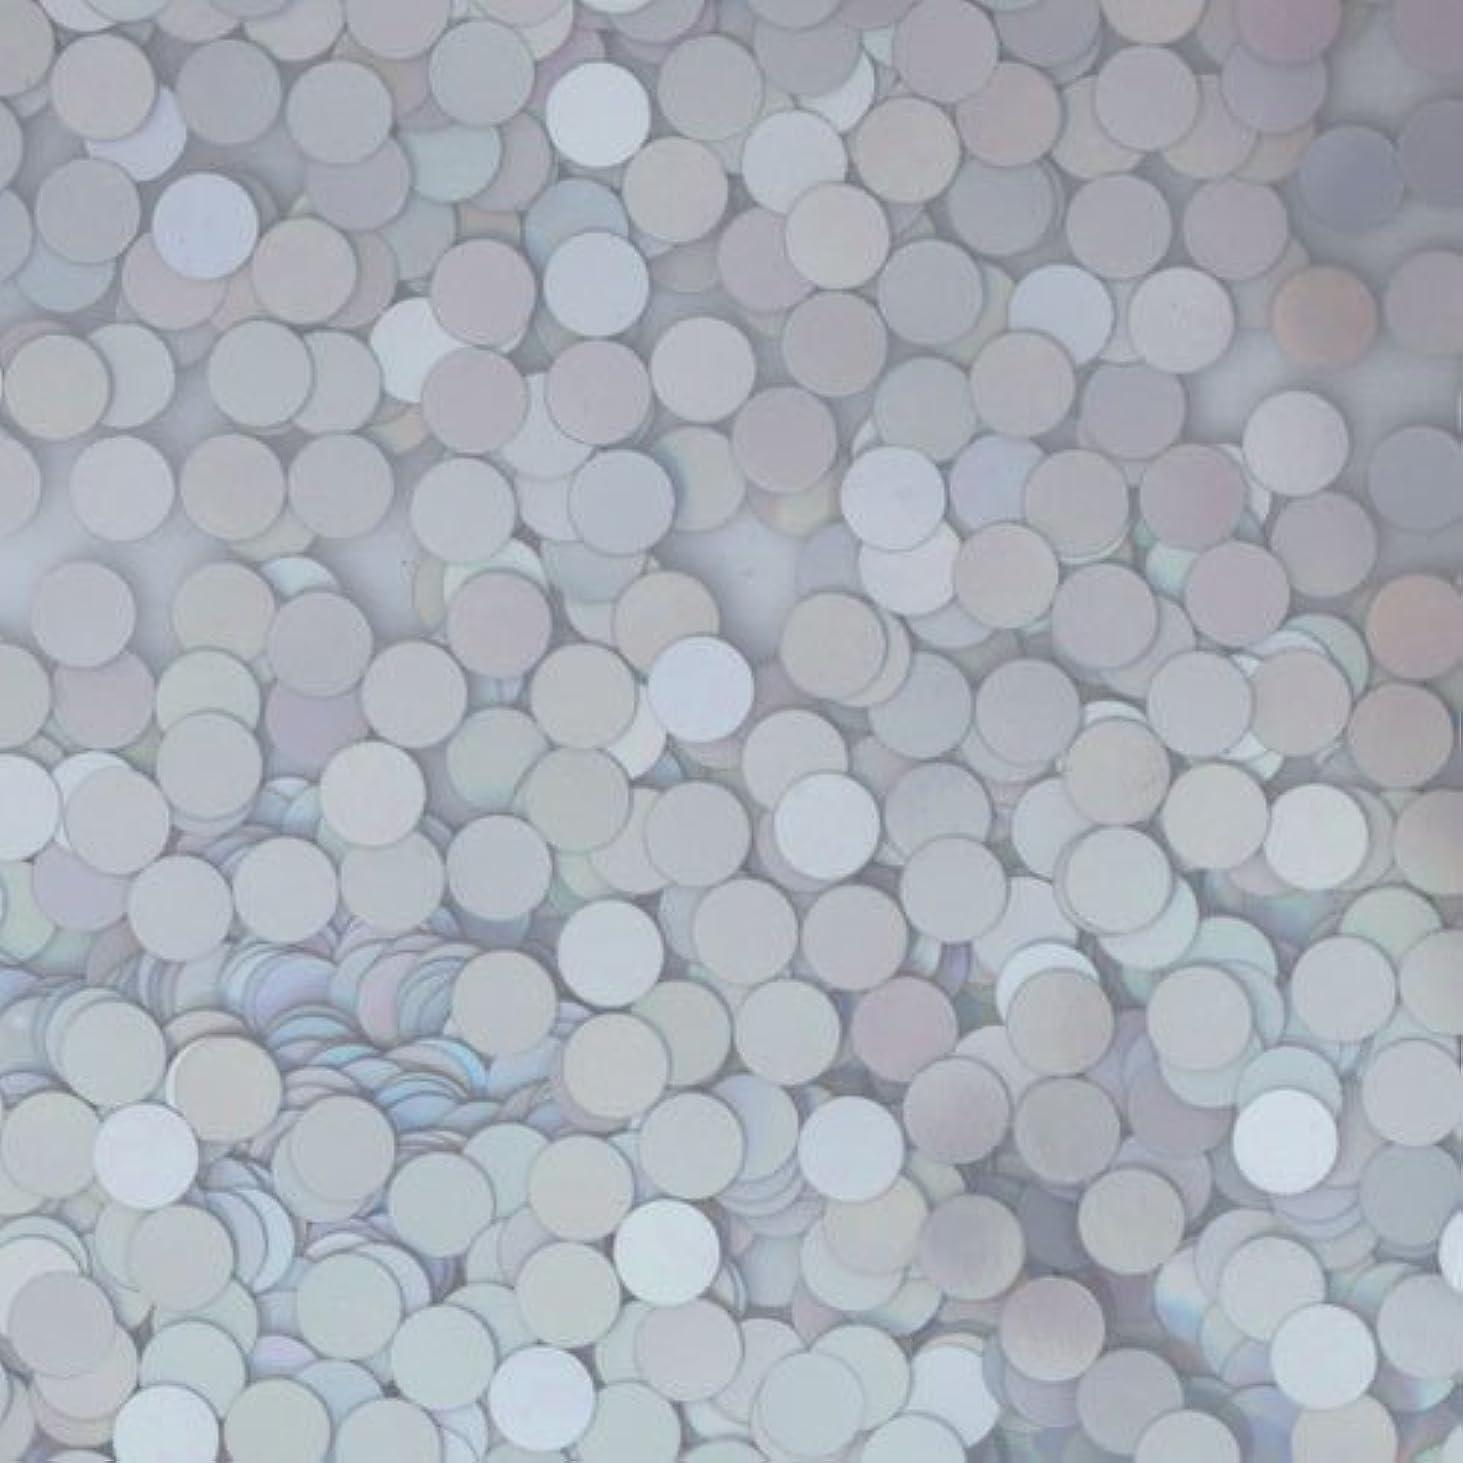 シミュレートするパンチ改革ピカエース ネイル用パウダー ピカエース 丸ホロ 1.5mm #883 マットシルバー 0.5g アート材